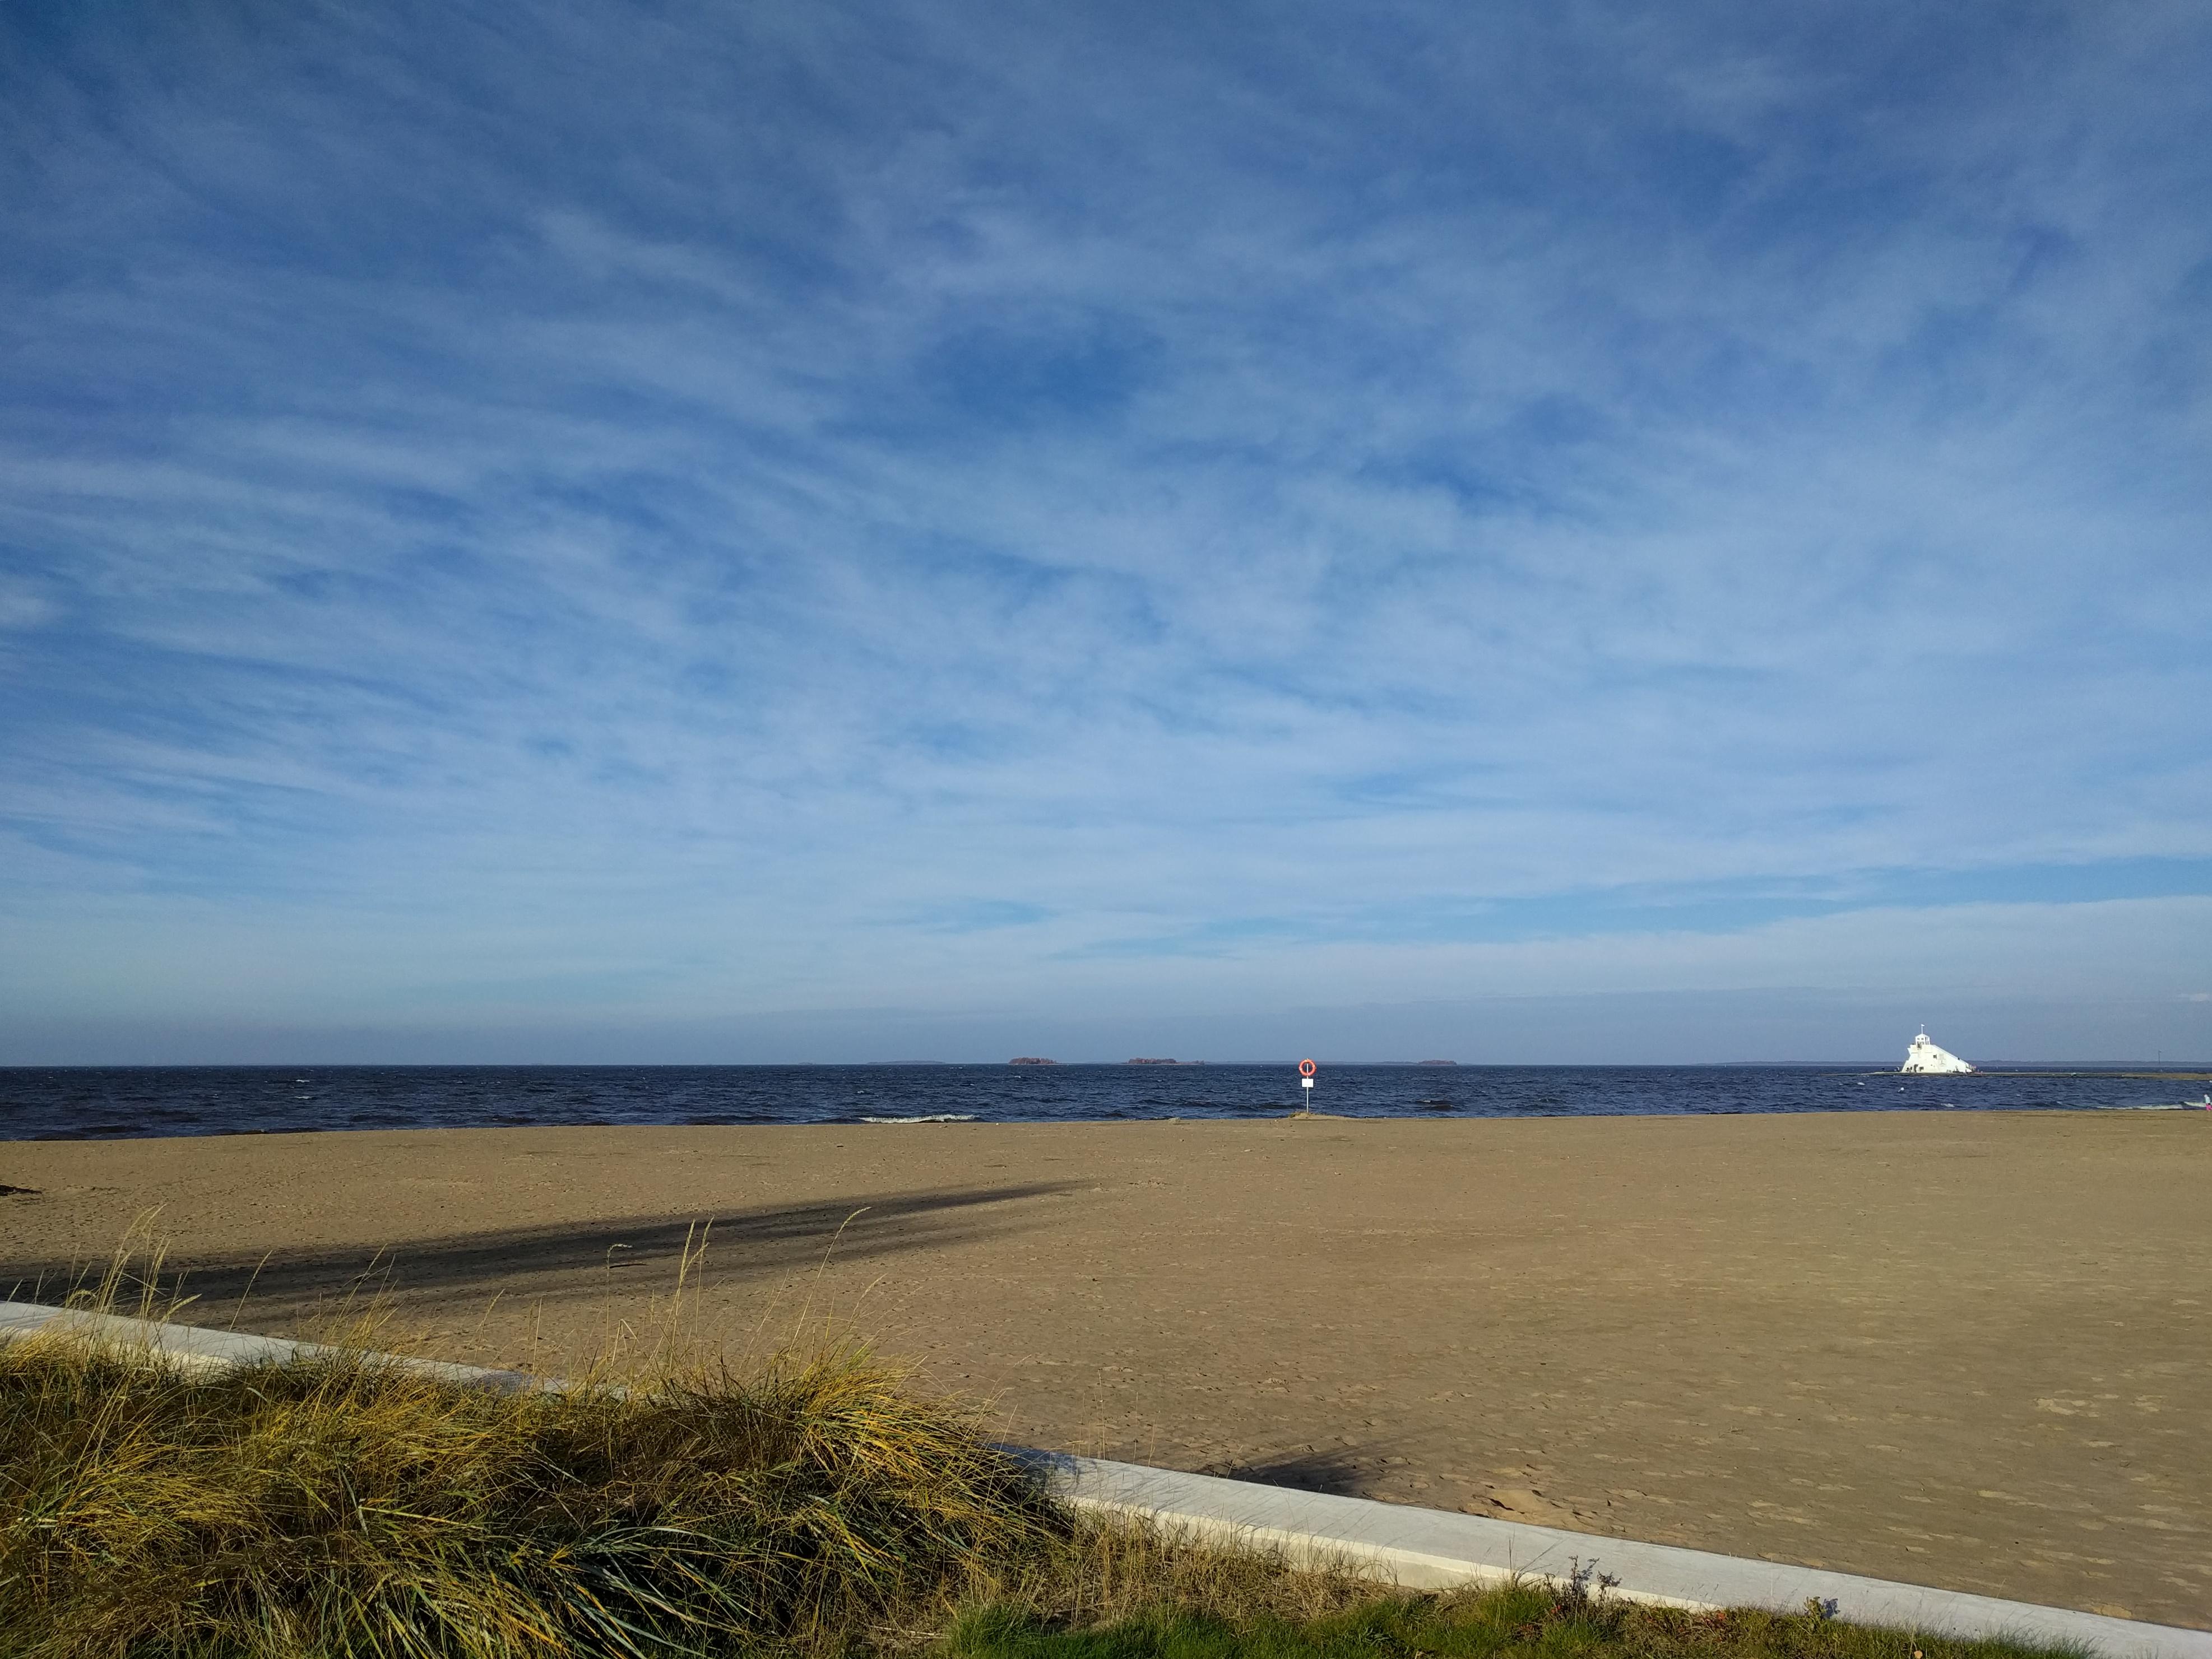 Nallikarin hiekkaranta ja majakka